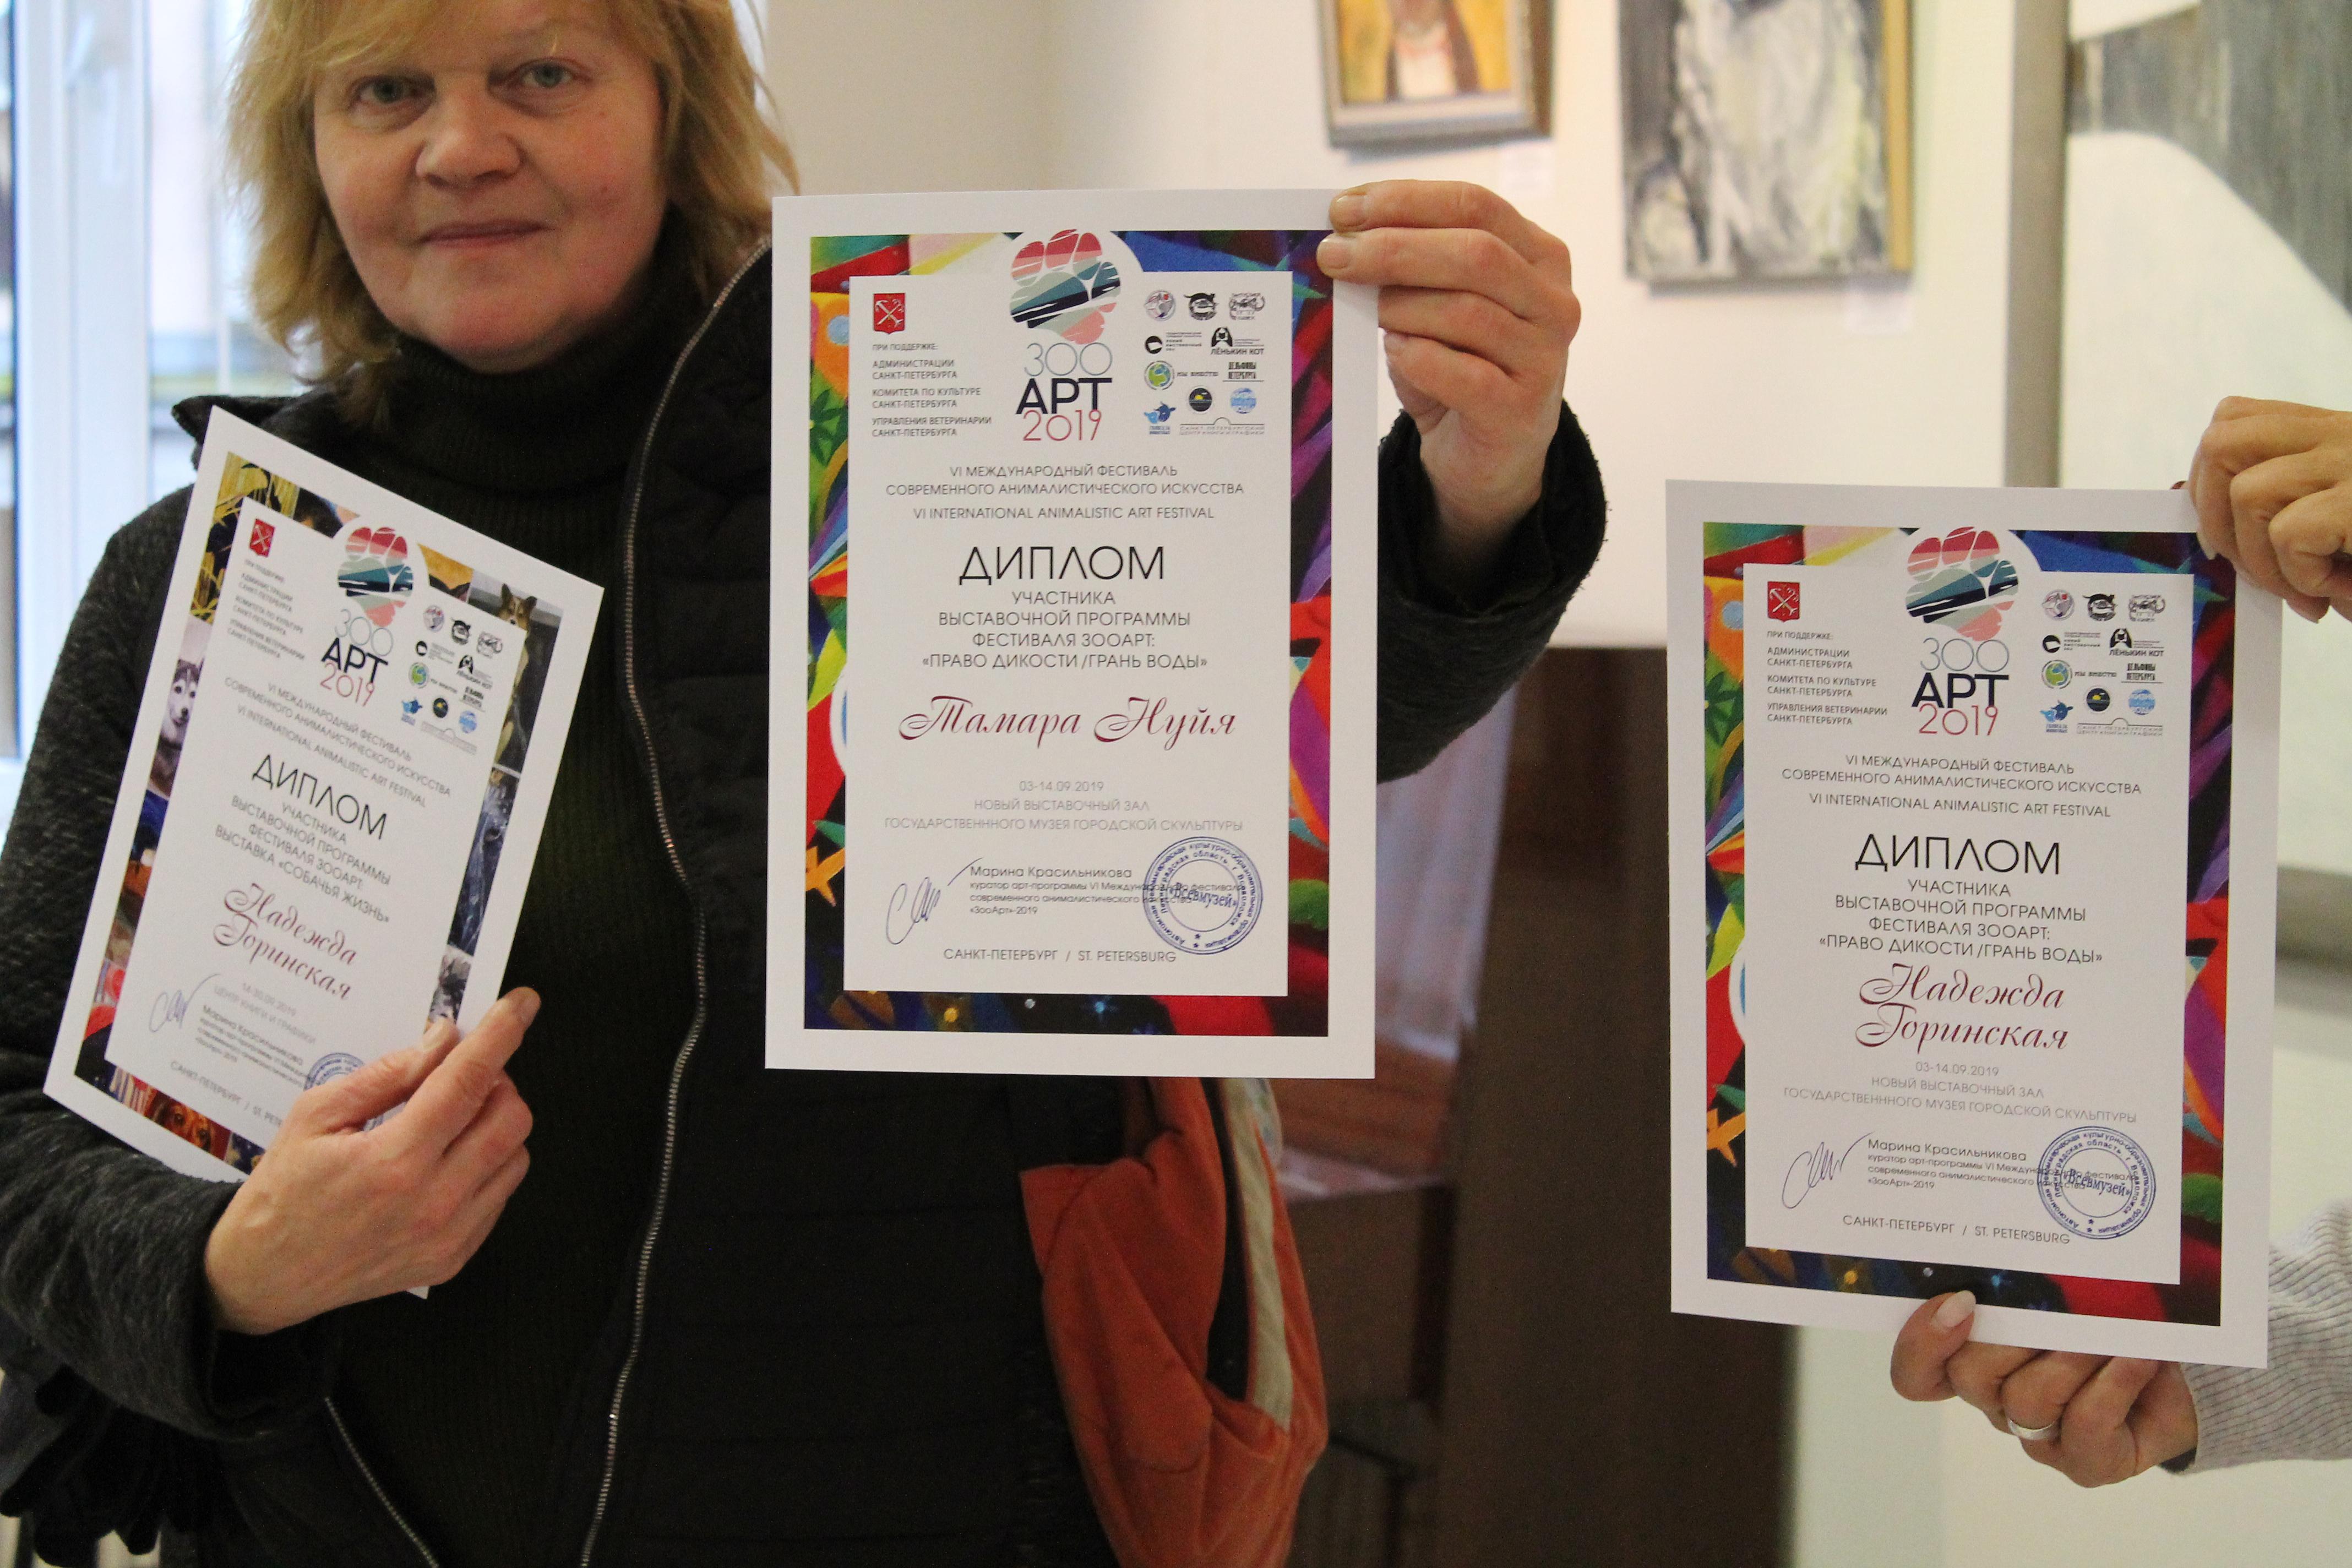 Дипломы выставки